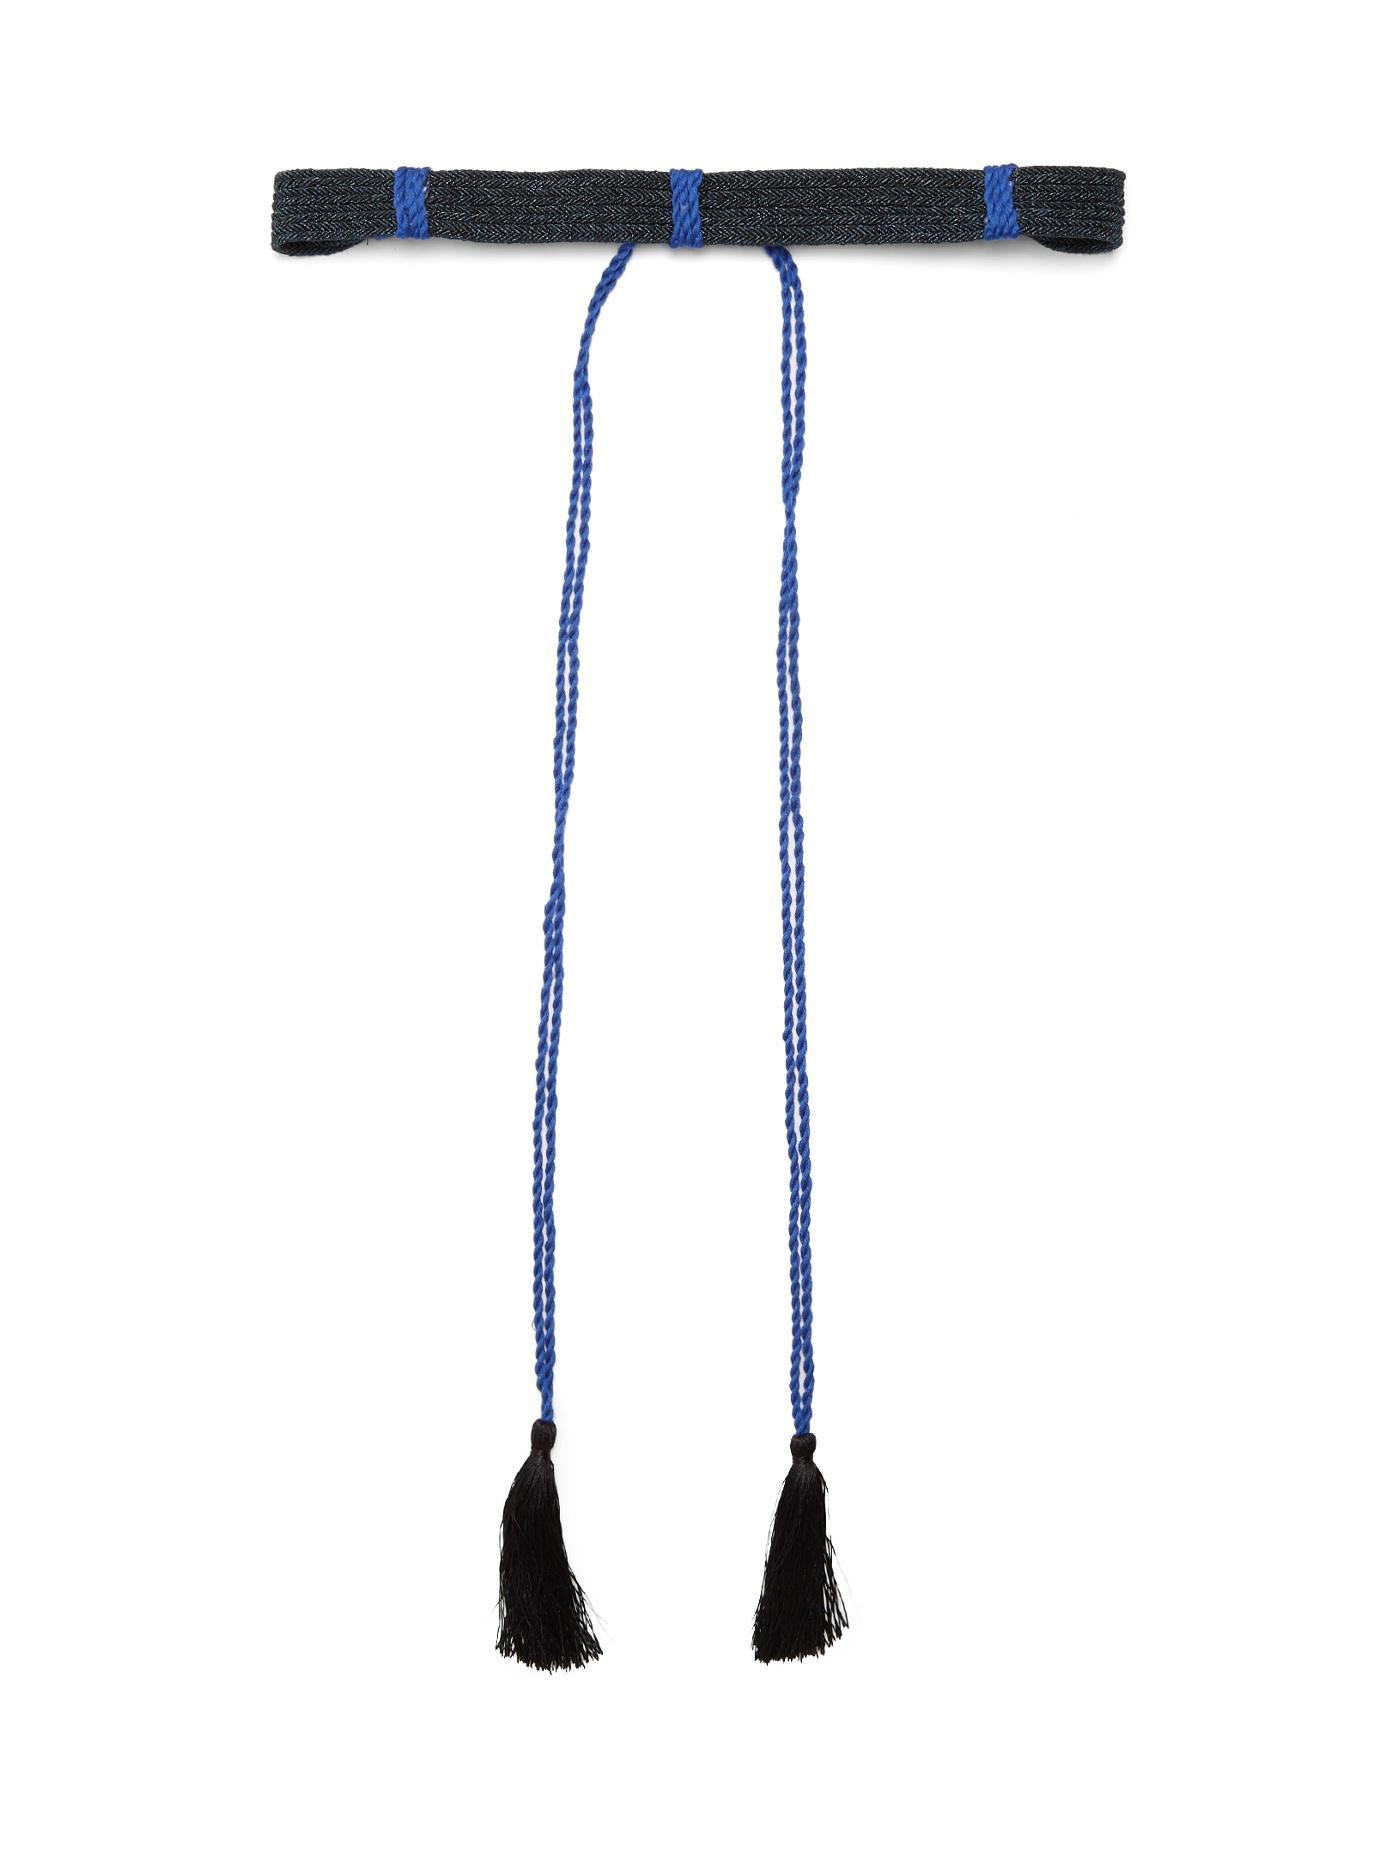 Self-tie woven belt Love Binetti 0bVD0